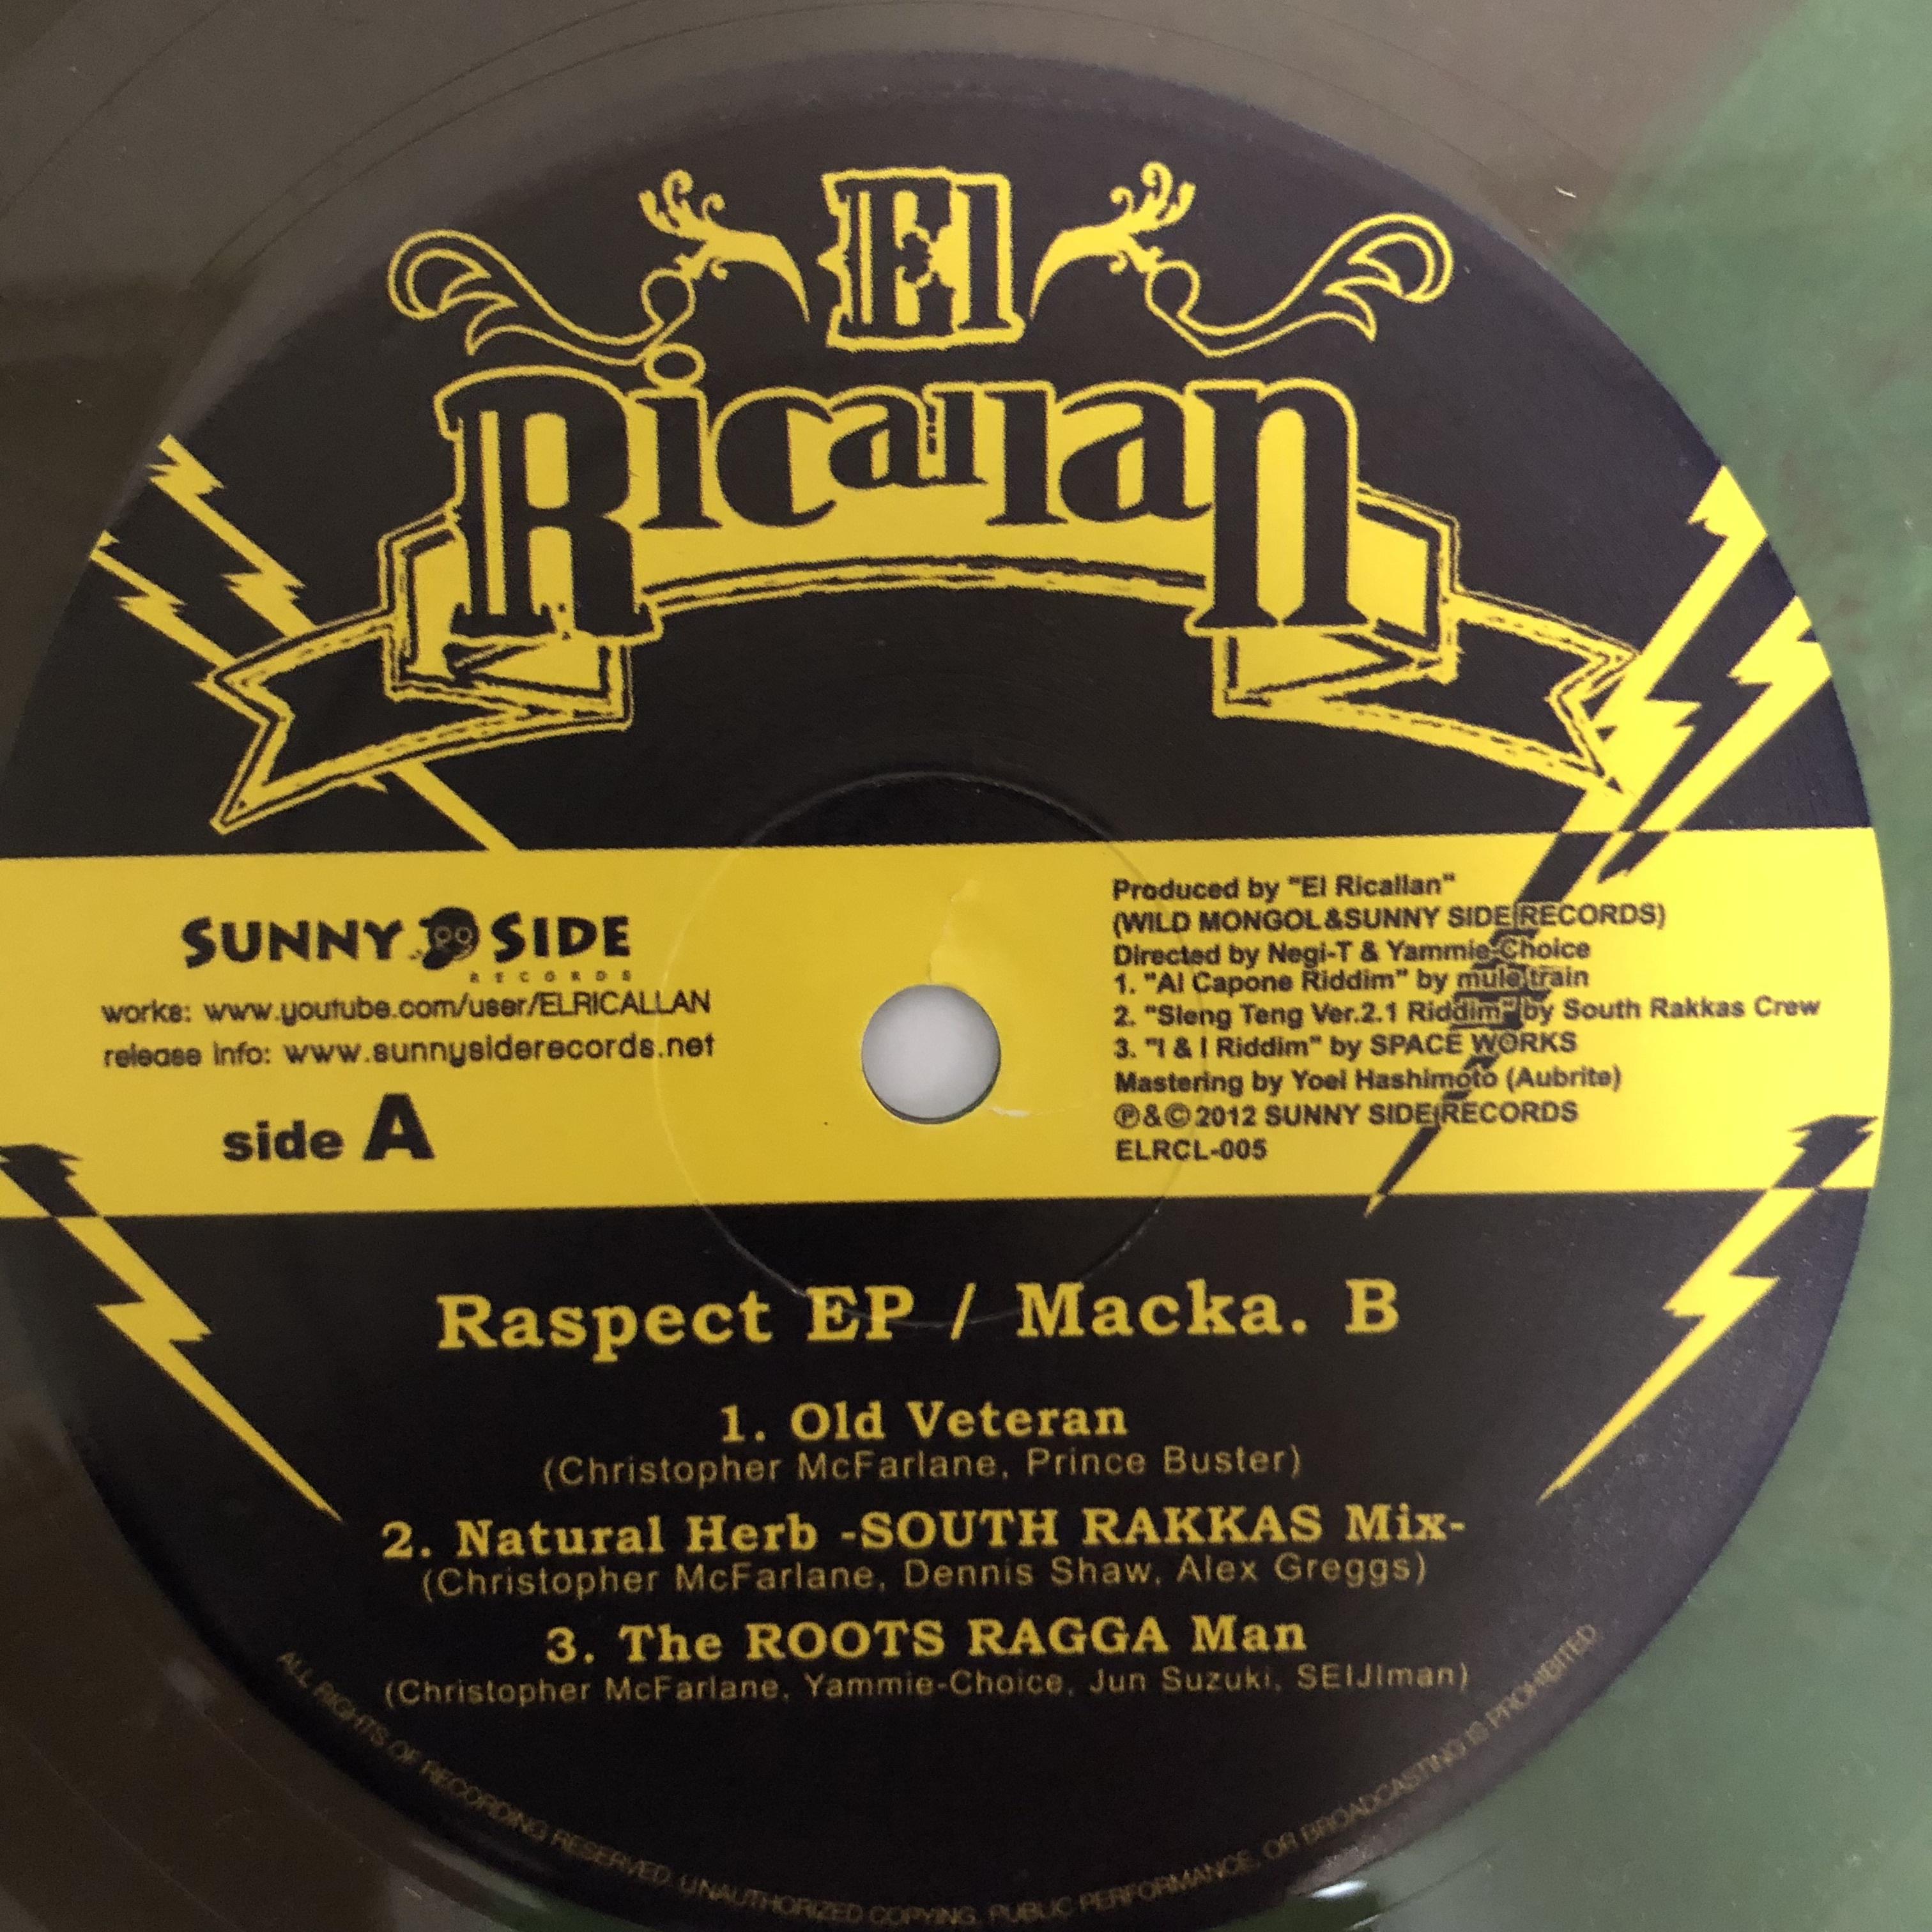 Macka B - Raspect【12-50009】